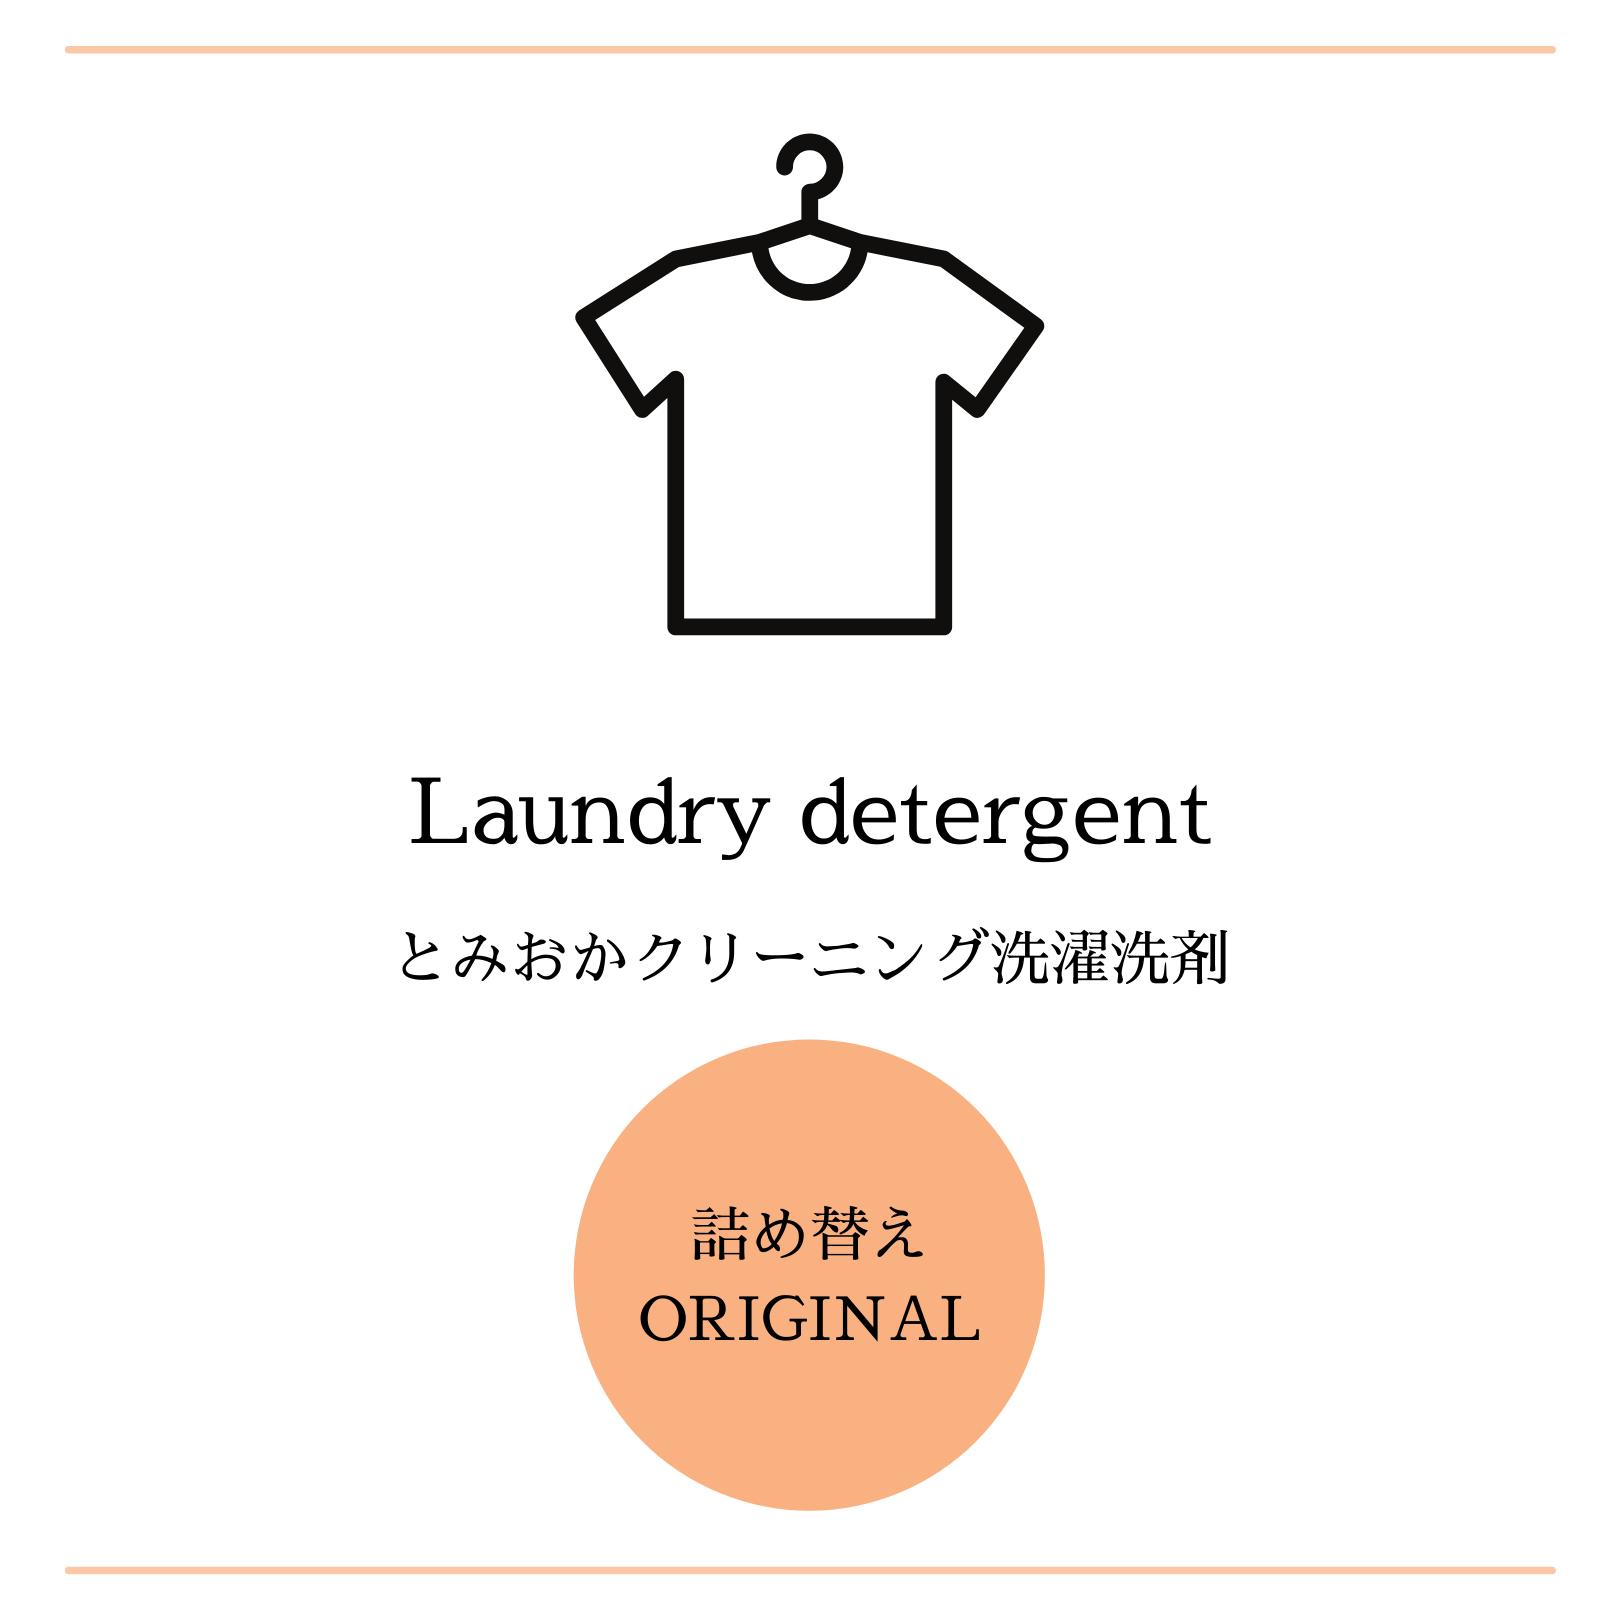 【とみおかクリーニング】牛乳缶入り洗濯洗剤 <オリジナル> 詰め替え